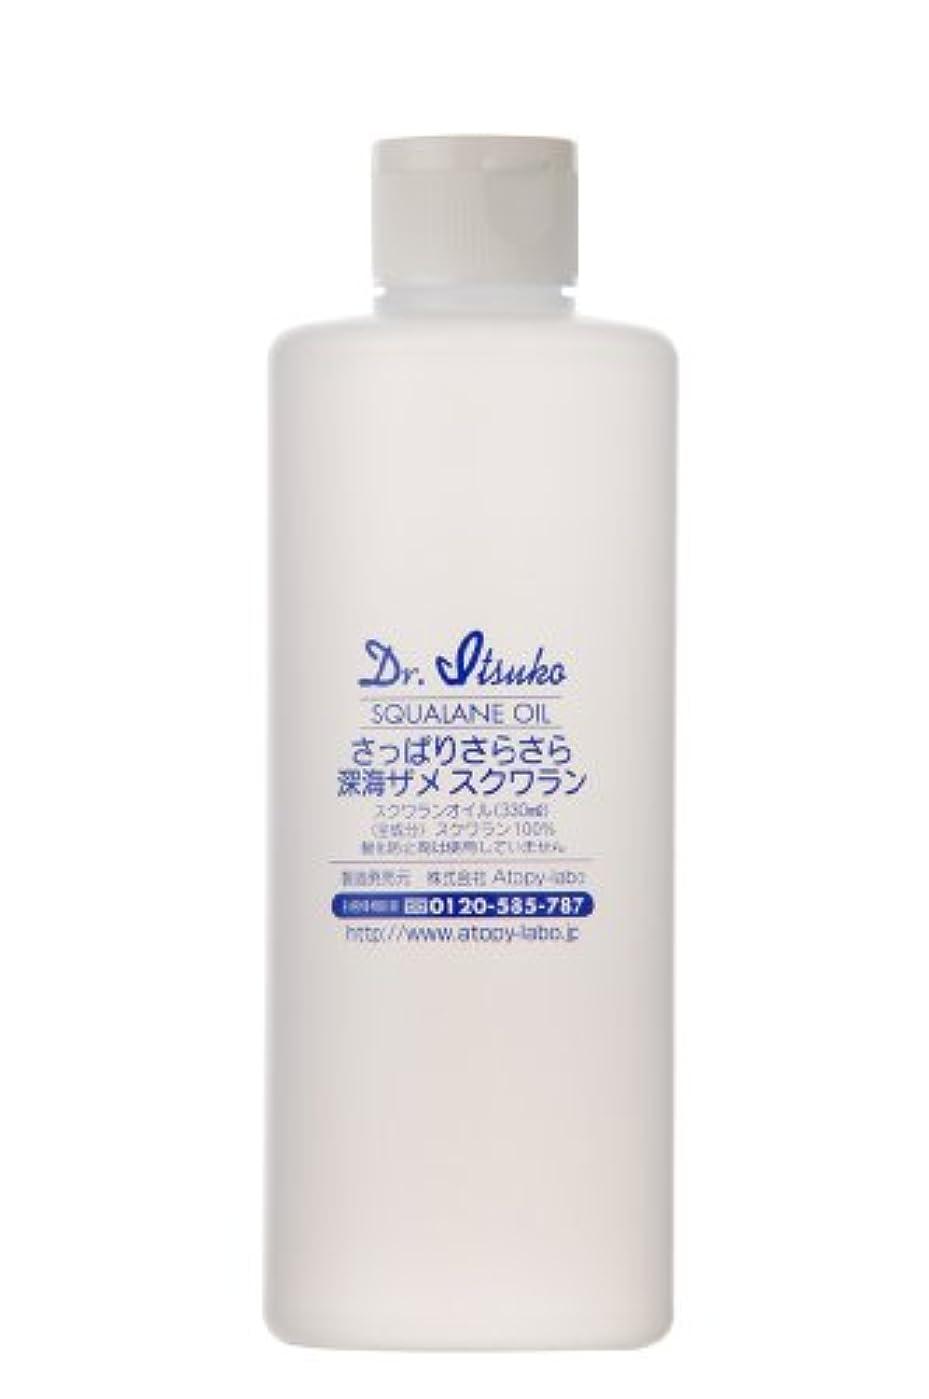 可能にする汚染する注入Dr.Itsuko スクワランオイル 330ml